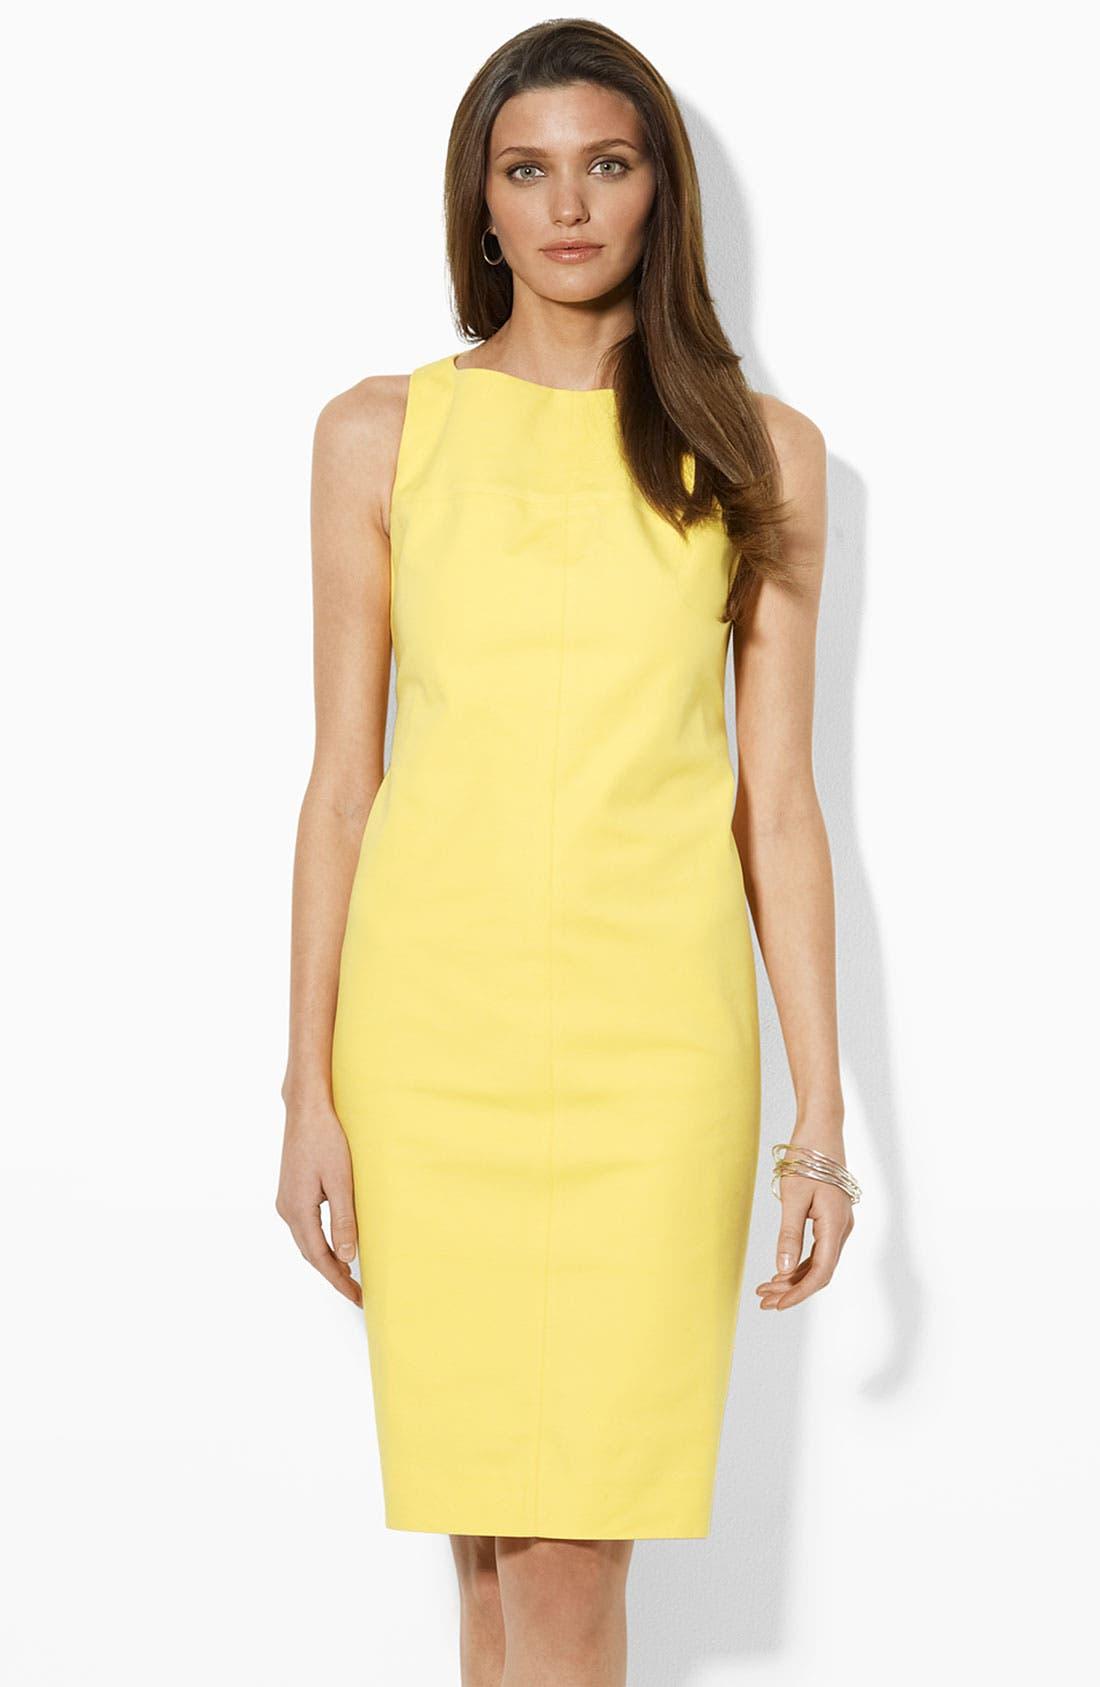 Main Image - Lauren by Ralph Lauren Sleeveless Sheath Dress